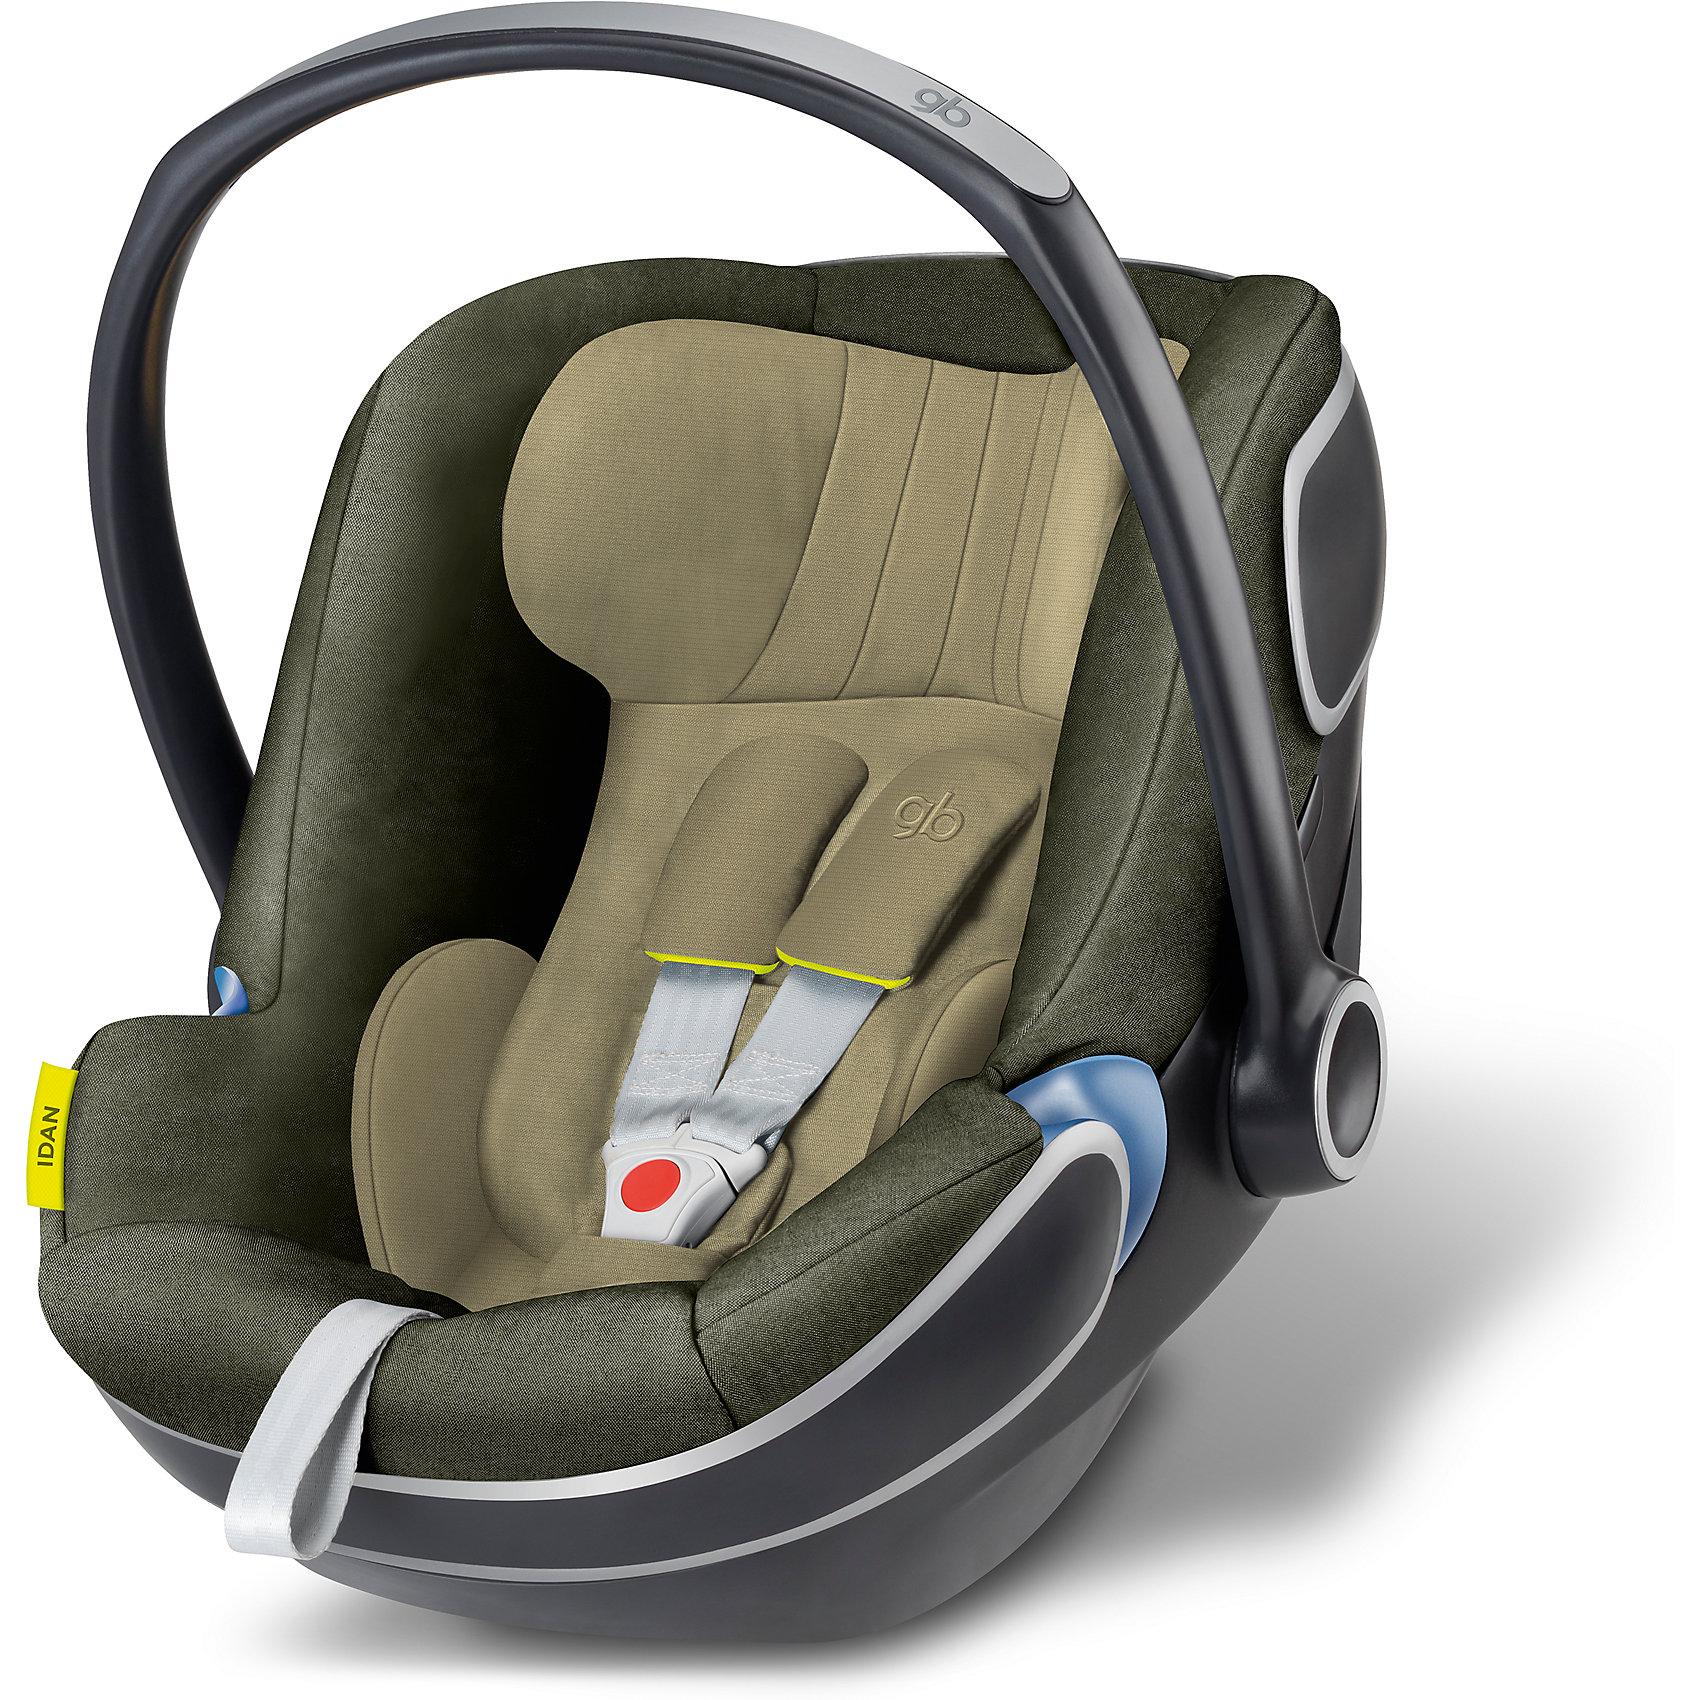 Автокресло GB Idan, 0-13 кг, Lizard KhakiiГруппа 0+ (До 13 кг)<br>Характеристики автокресла-переноски Idan+:<br><br>• группа: 0+<br>• вес ребенка: до 13 кг;<br>• возраст ребенка: от рождения до 12 месяцев;<br>• способ крепления: база Isofix Baseс GB или с помощью штатных ремней безопасности автомобиля;<br>• способ установки: против хода движения;<br>• материал: пластик, полиэстер;<br>• пластиковая ручка, люлька-переноска;<br>• положение ручки регулируется;<br>• 3-х точечные ремни безопасности с мягкими накладками;<br>• усиленная защита от боковых ударов;<br>• регулируется высота подголовника;<br>• имеется вкладыш для новорожденного;<br>• съемные чехлы, стирка при температуре 30 градусов;<br>• на шасси коляски GB Maris автокресло устанавливается без адаптеров, на шасси колясок GB и Cybex – с помощью адаптеров – нет в комплекте, приобретаются отдельно. <br><br>Размер автокресла: 68х44х37-57 см<br>Вес автокресла: 4,7 кг<br><br>Автокресло Idan, 0-13 кг, GB, Lizard Khakii можно купить в нашем интернет-магазине.<br><br>Ширина мм: 730<br>Глубина мм: 460<br>Высота мм: 650<br>Вес г: 6900<br>Возраст от месяцев: 6<br>Возраст до месяцев: 36<br>Пол: Унисекс<br>Возраст: Детский<br>SKU: 5434469